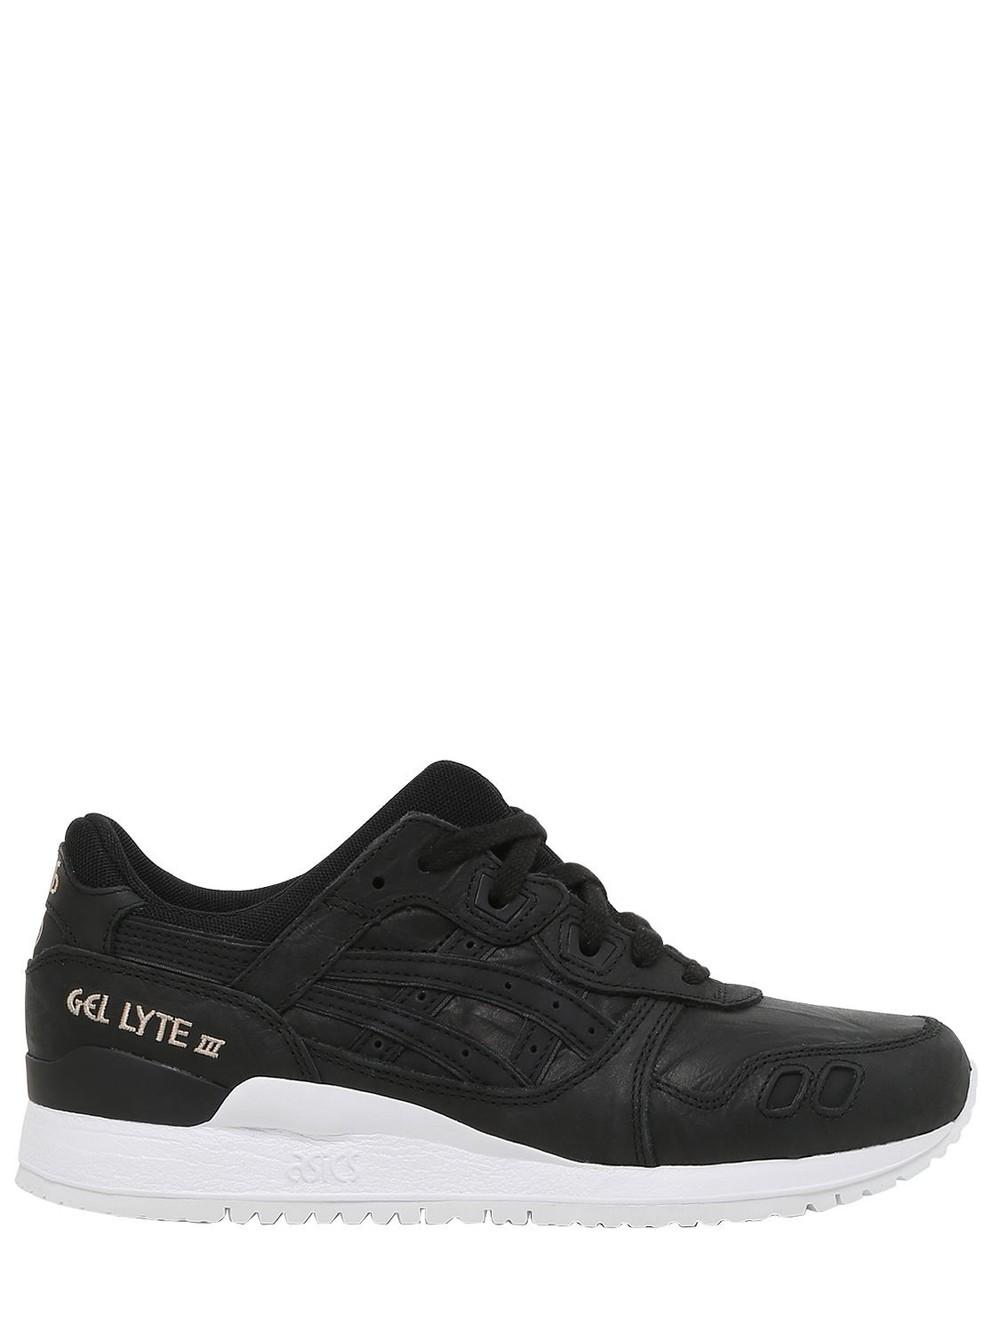 ASICS Gel Lyte Iii Wrinkled Leather Sneakers in black